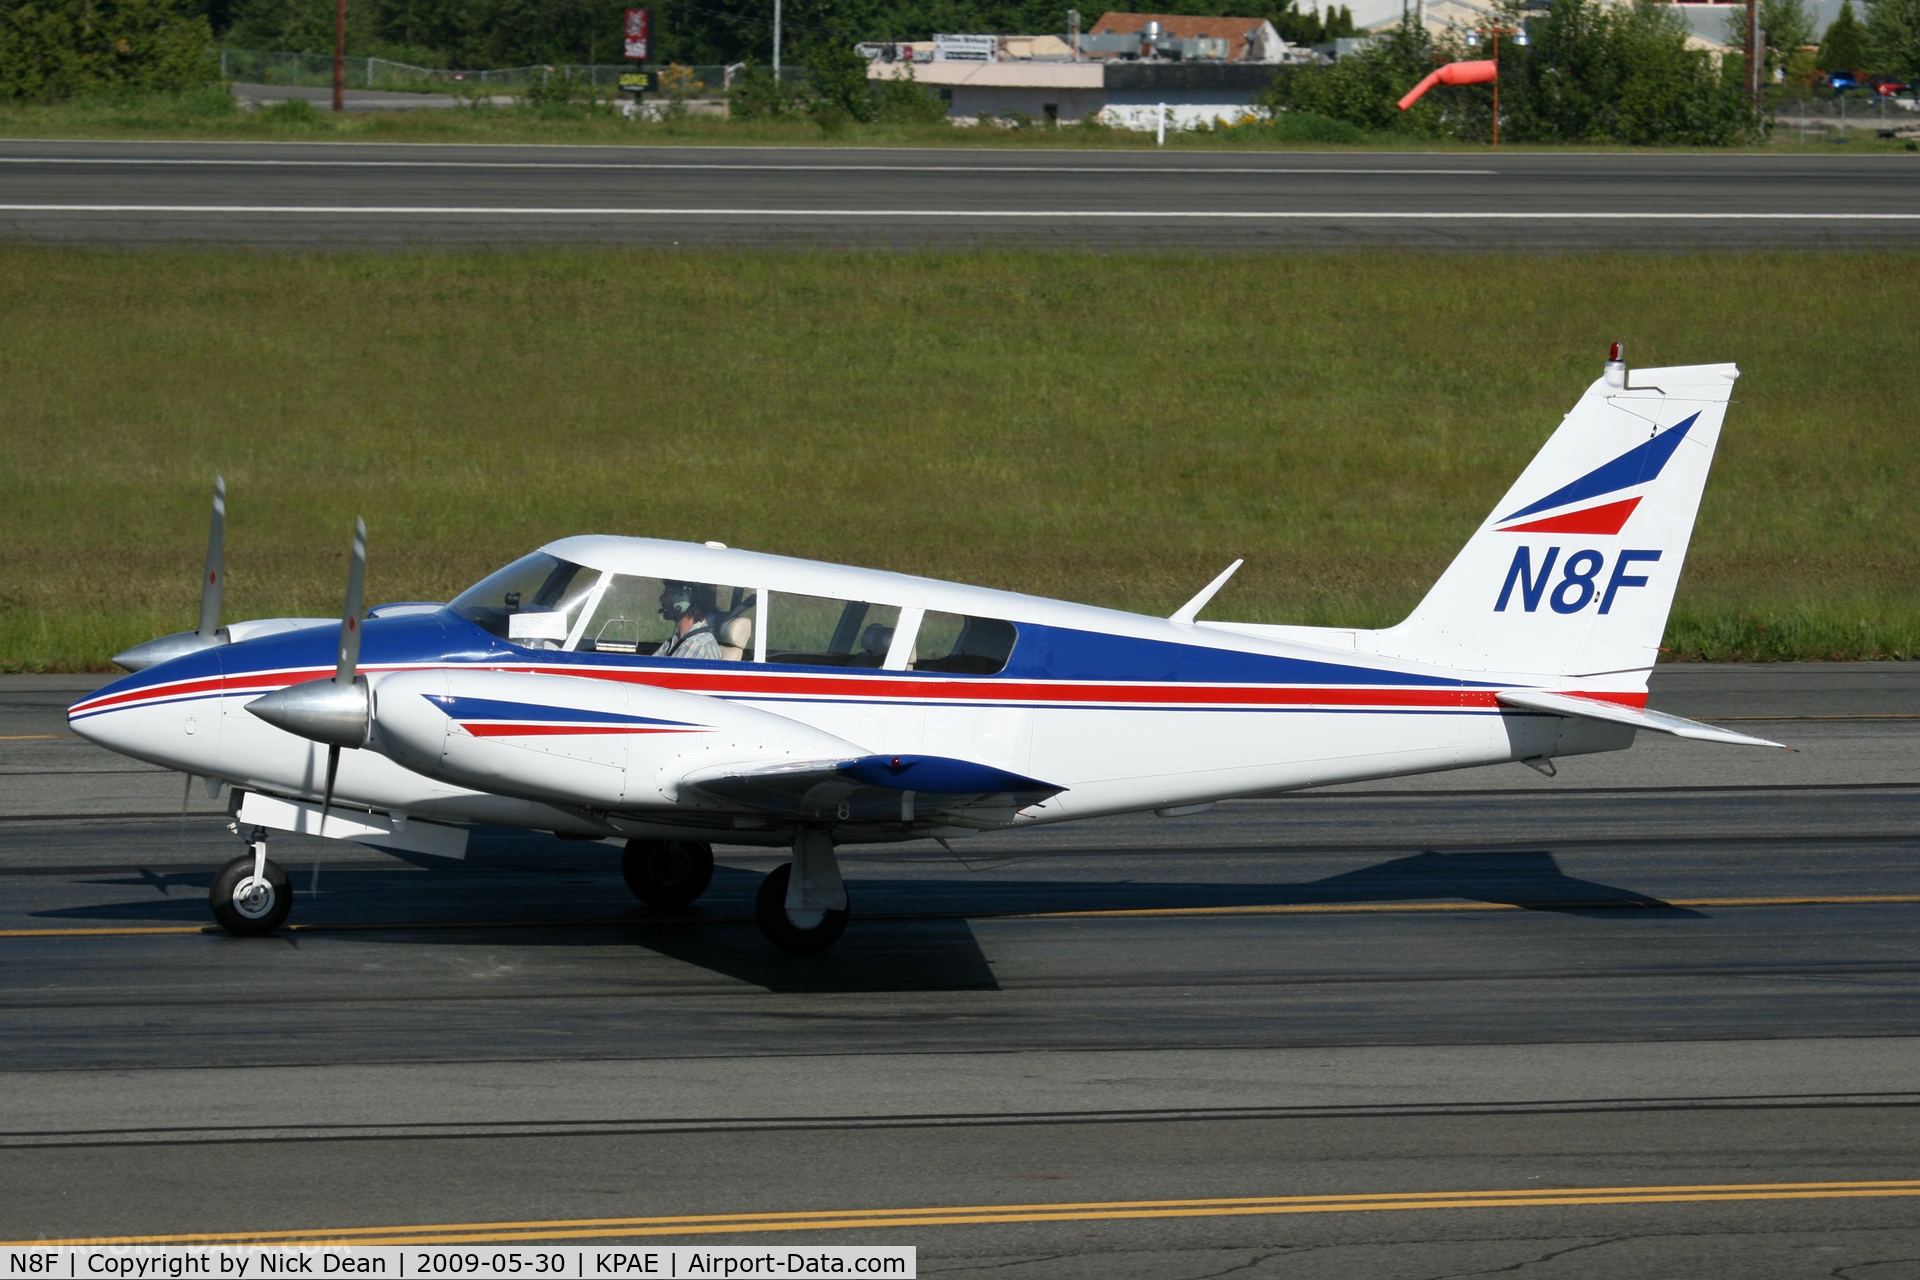 N8F, 1966 Piper PA-30-160 Twin Comanche C/N 30-1312, KPAE